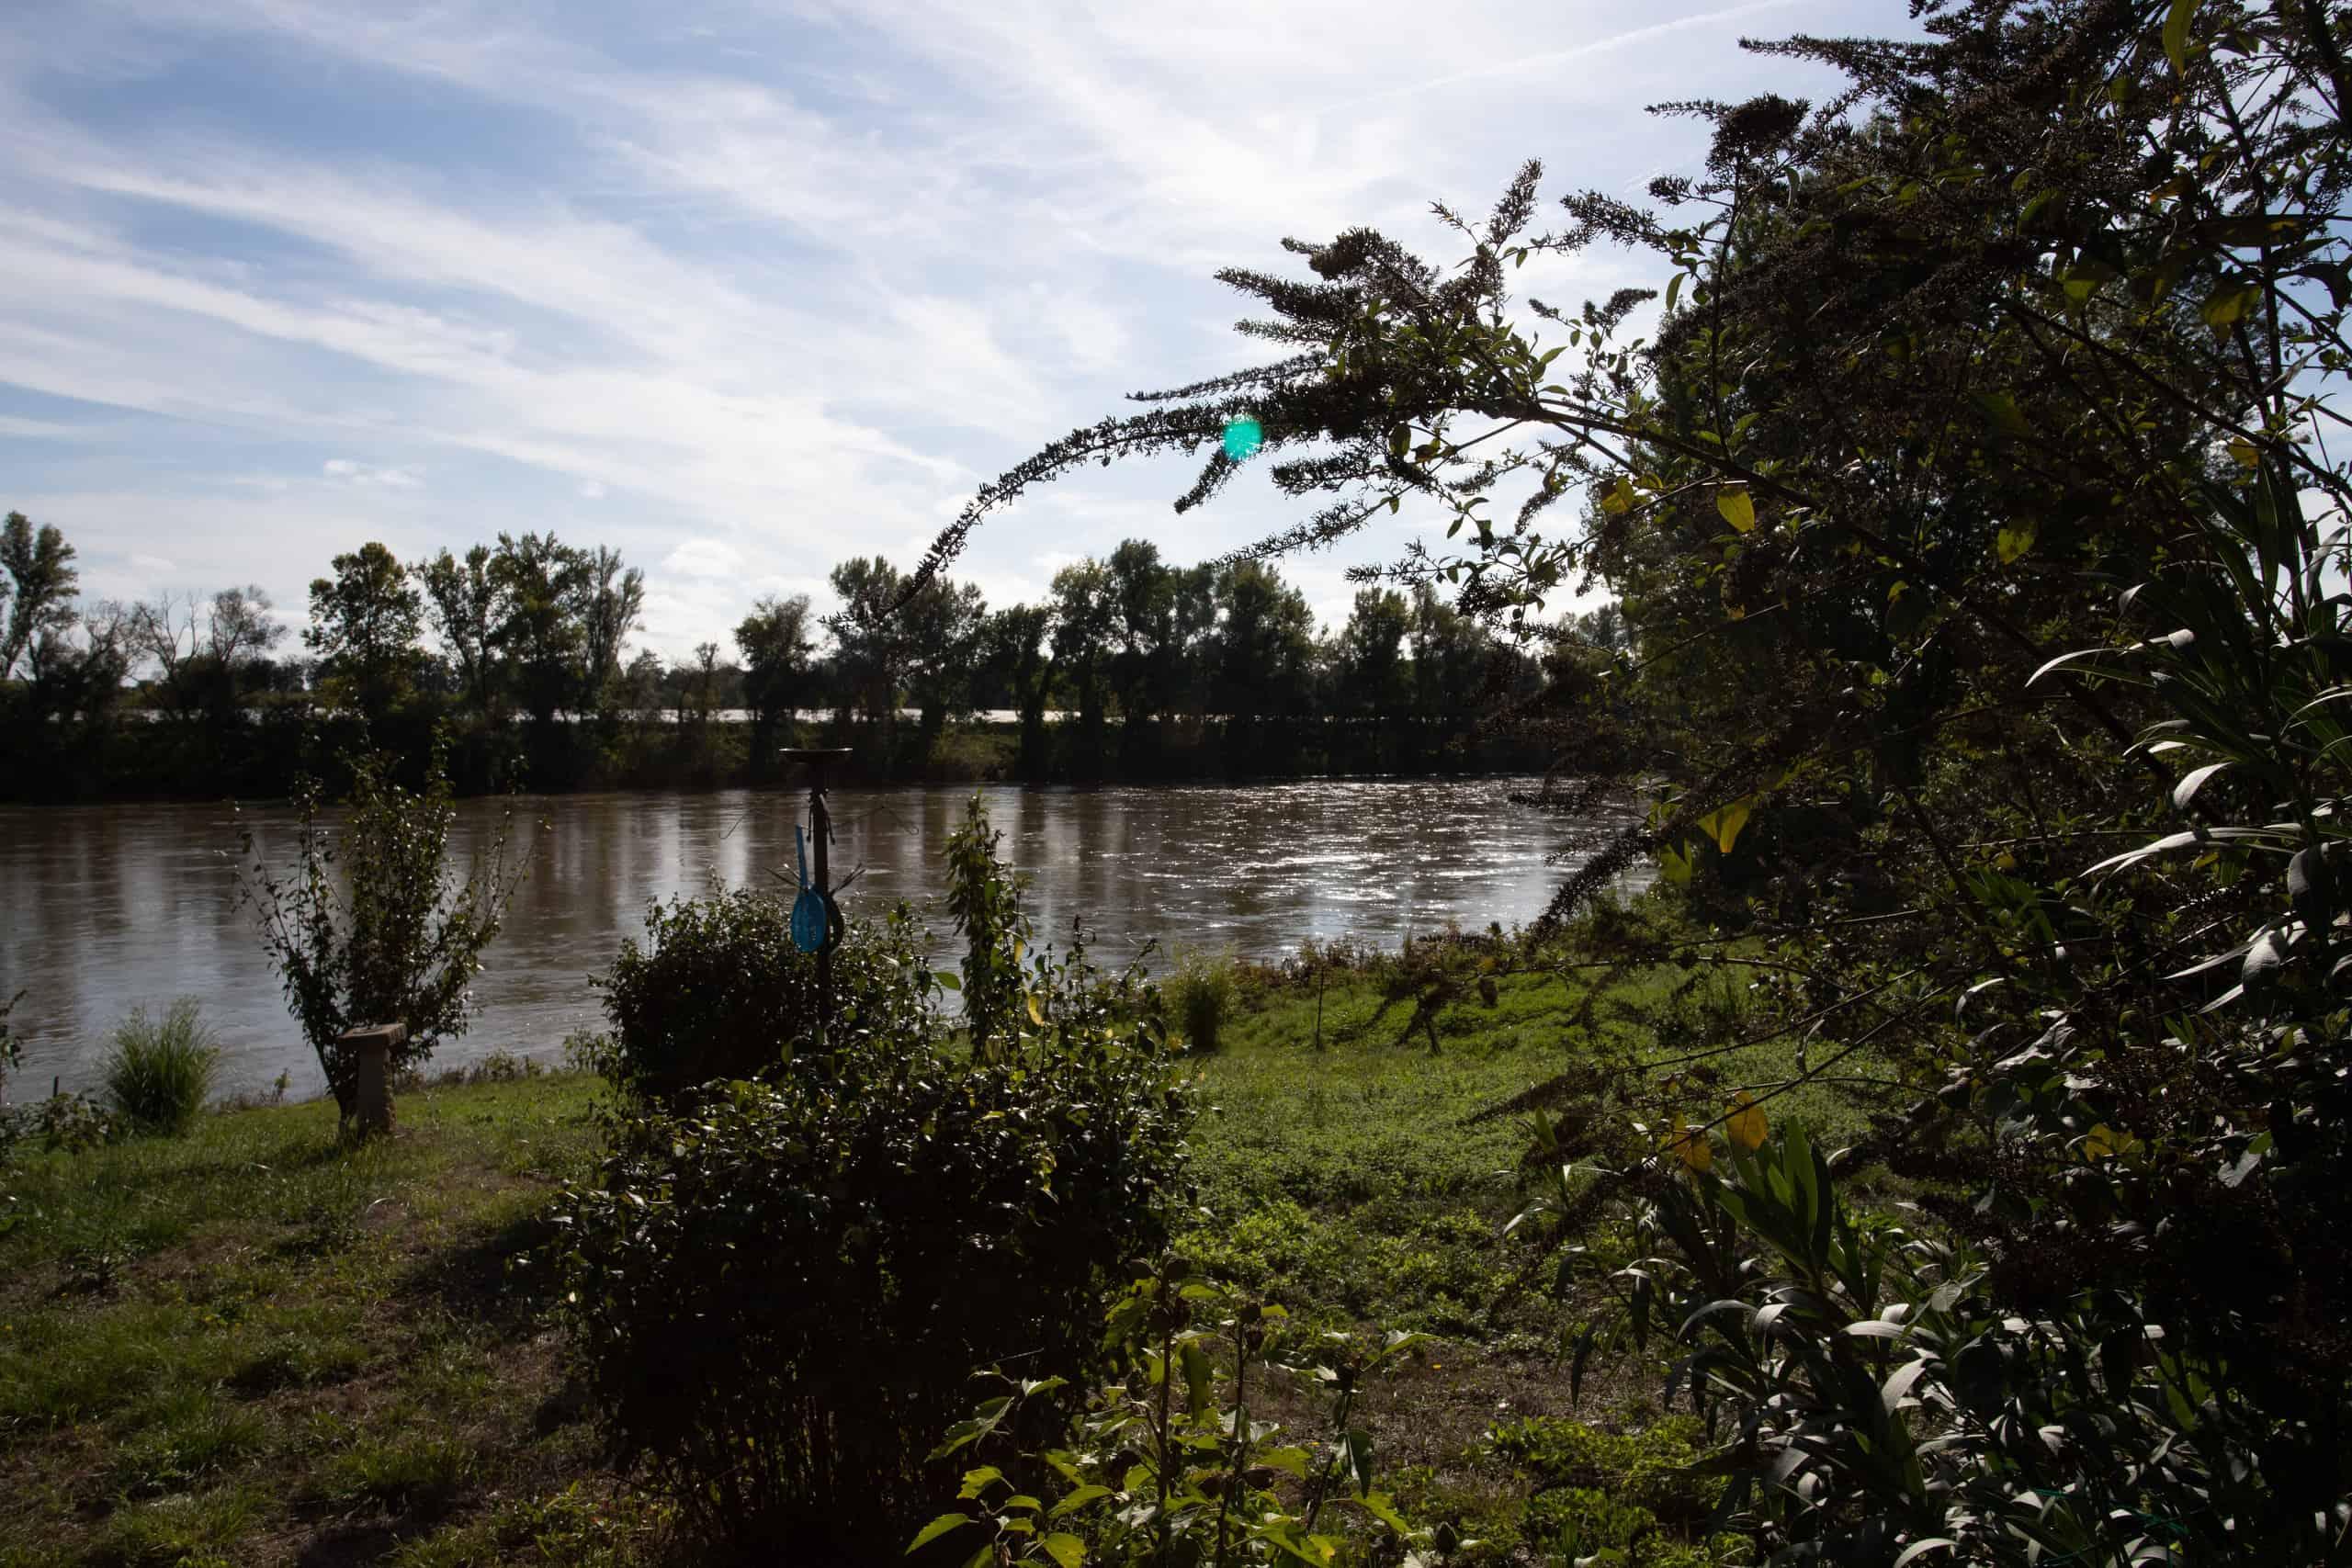 Riverbank-47014